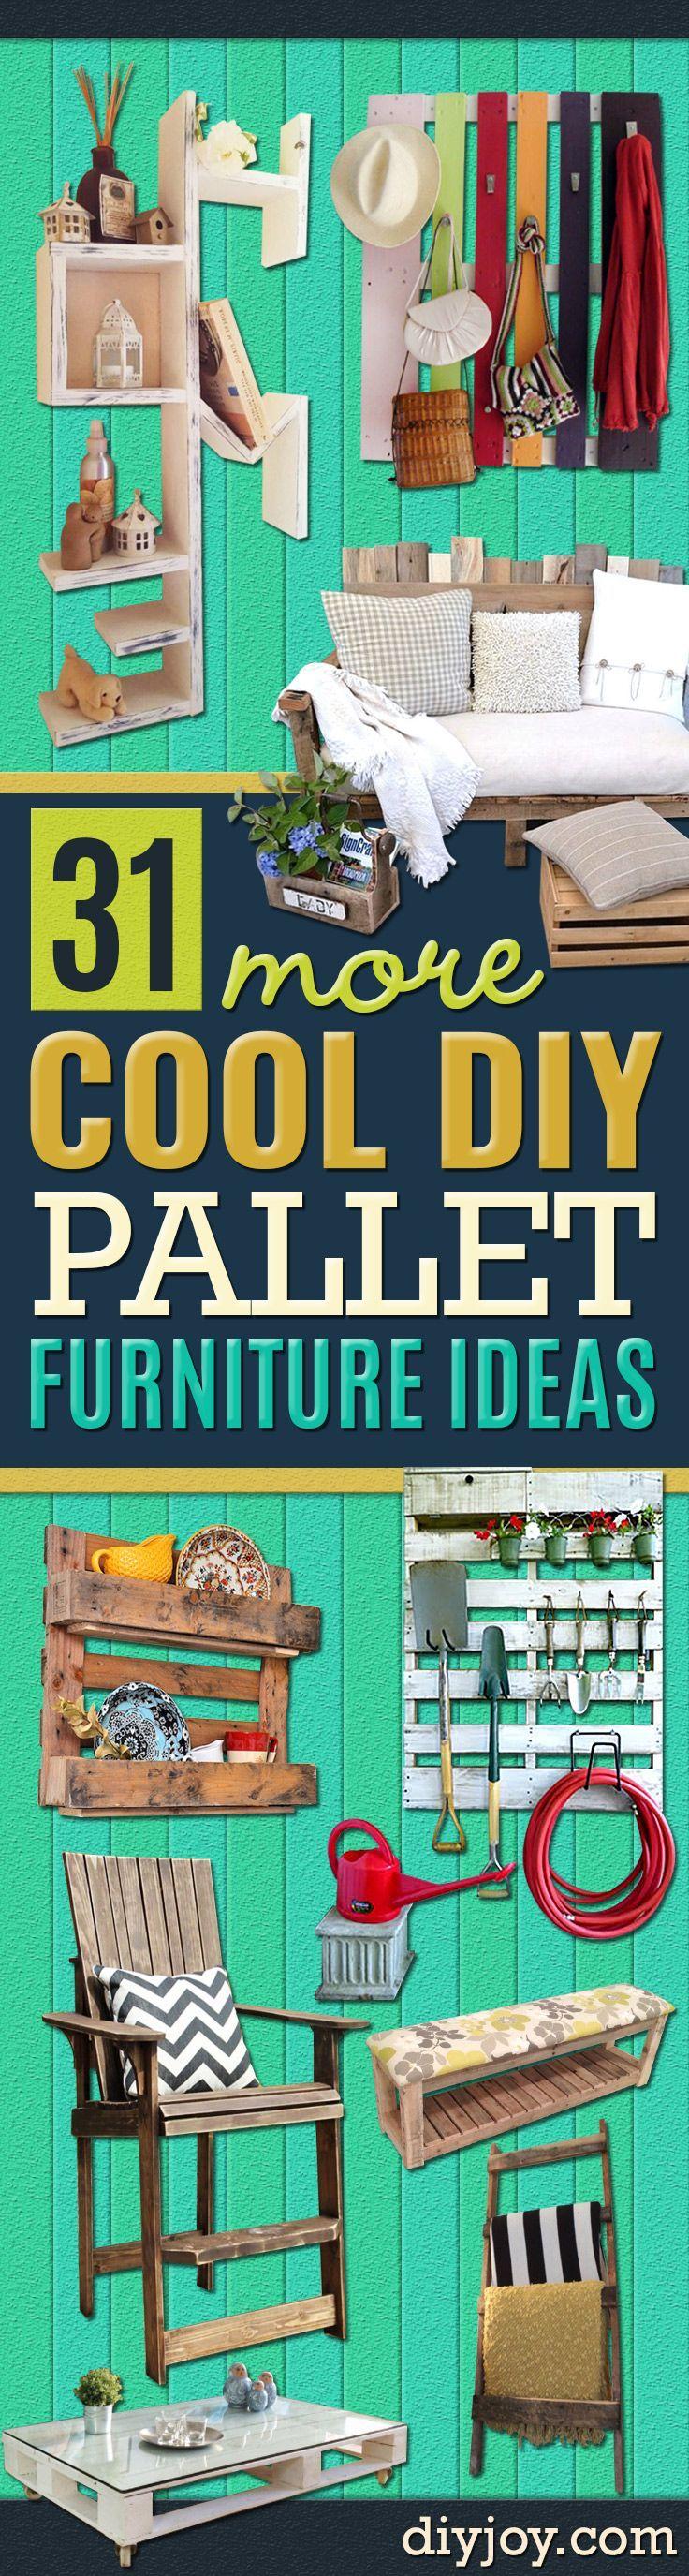 79 best Pallet Ideas images on Pinterest | Home ideas, Pallet ...